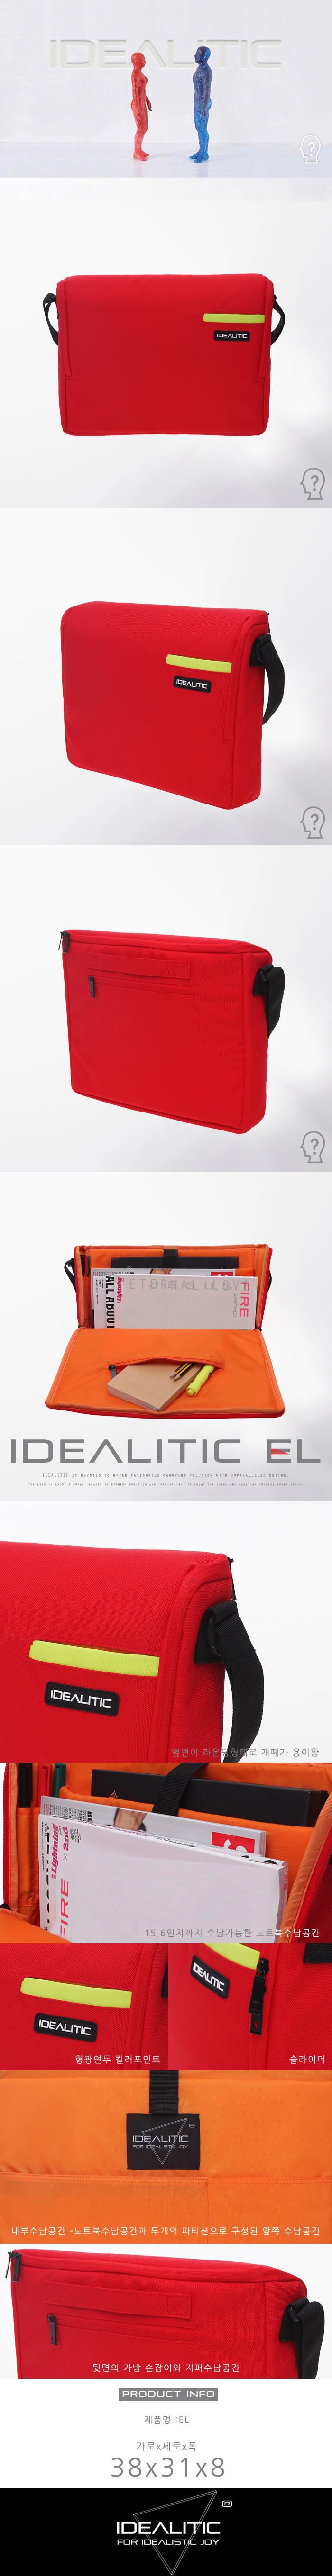 IDEALITIC - EL(red)